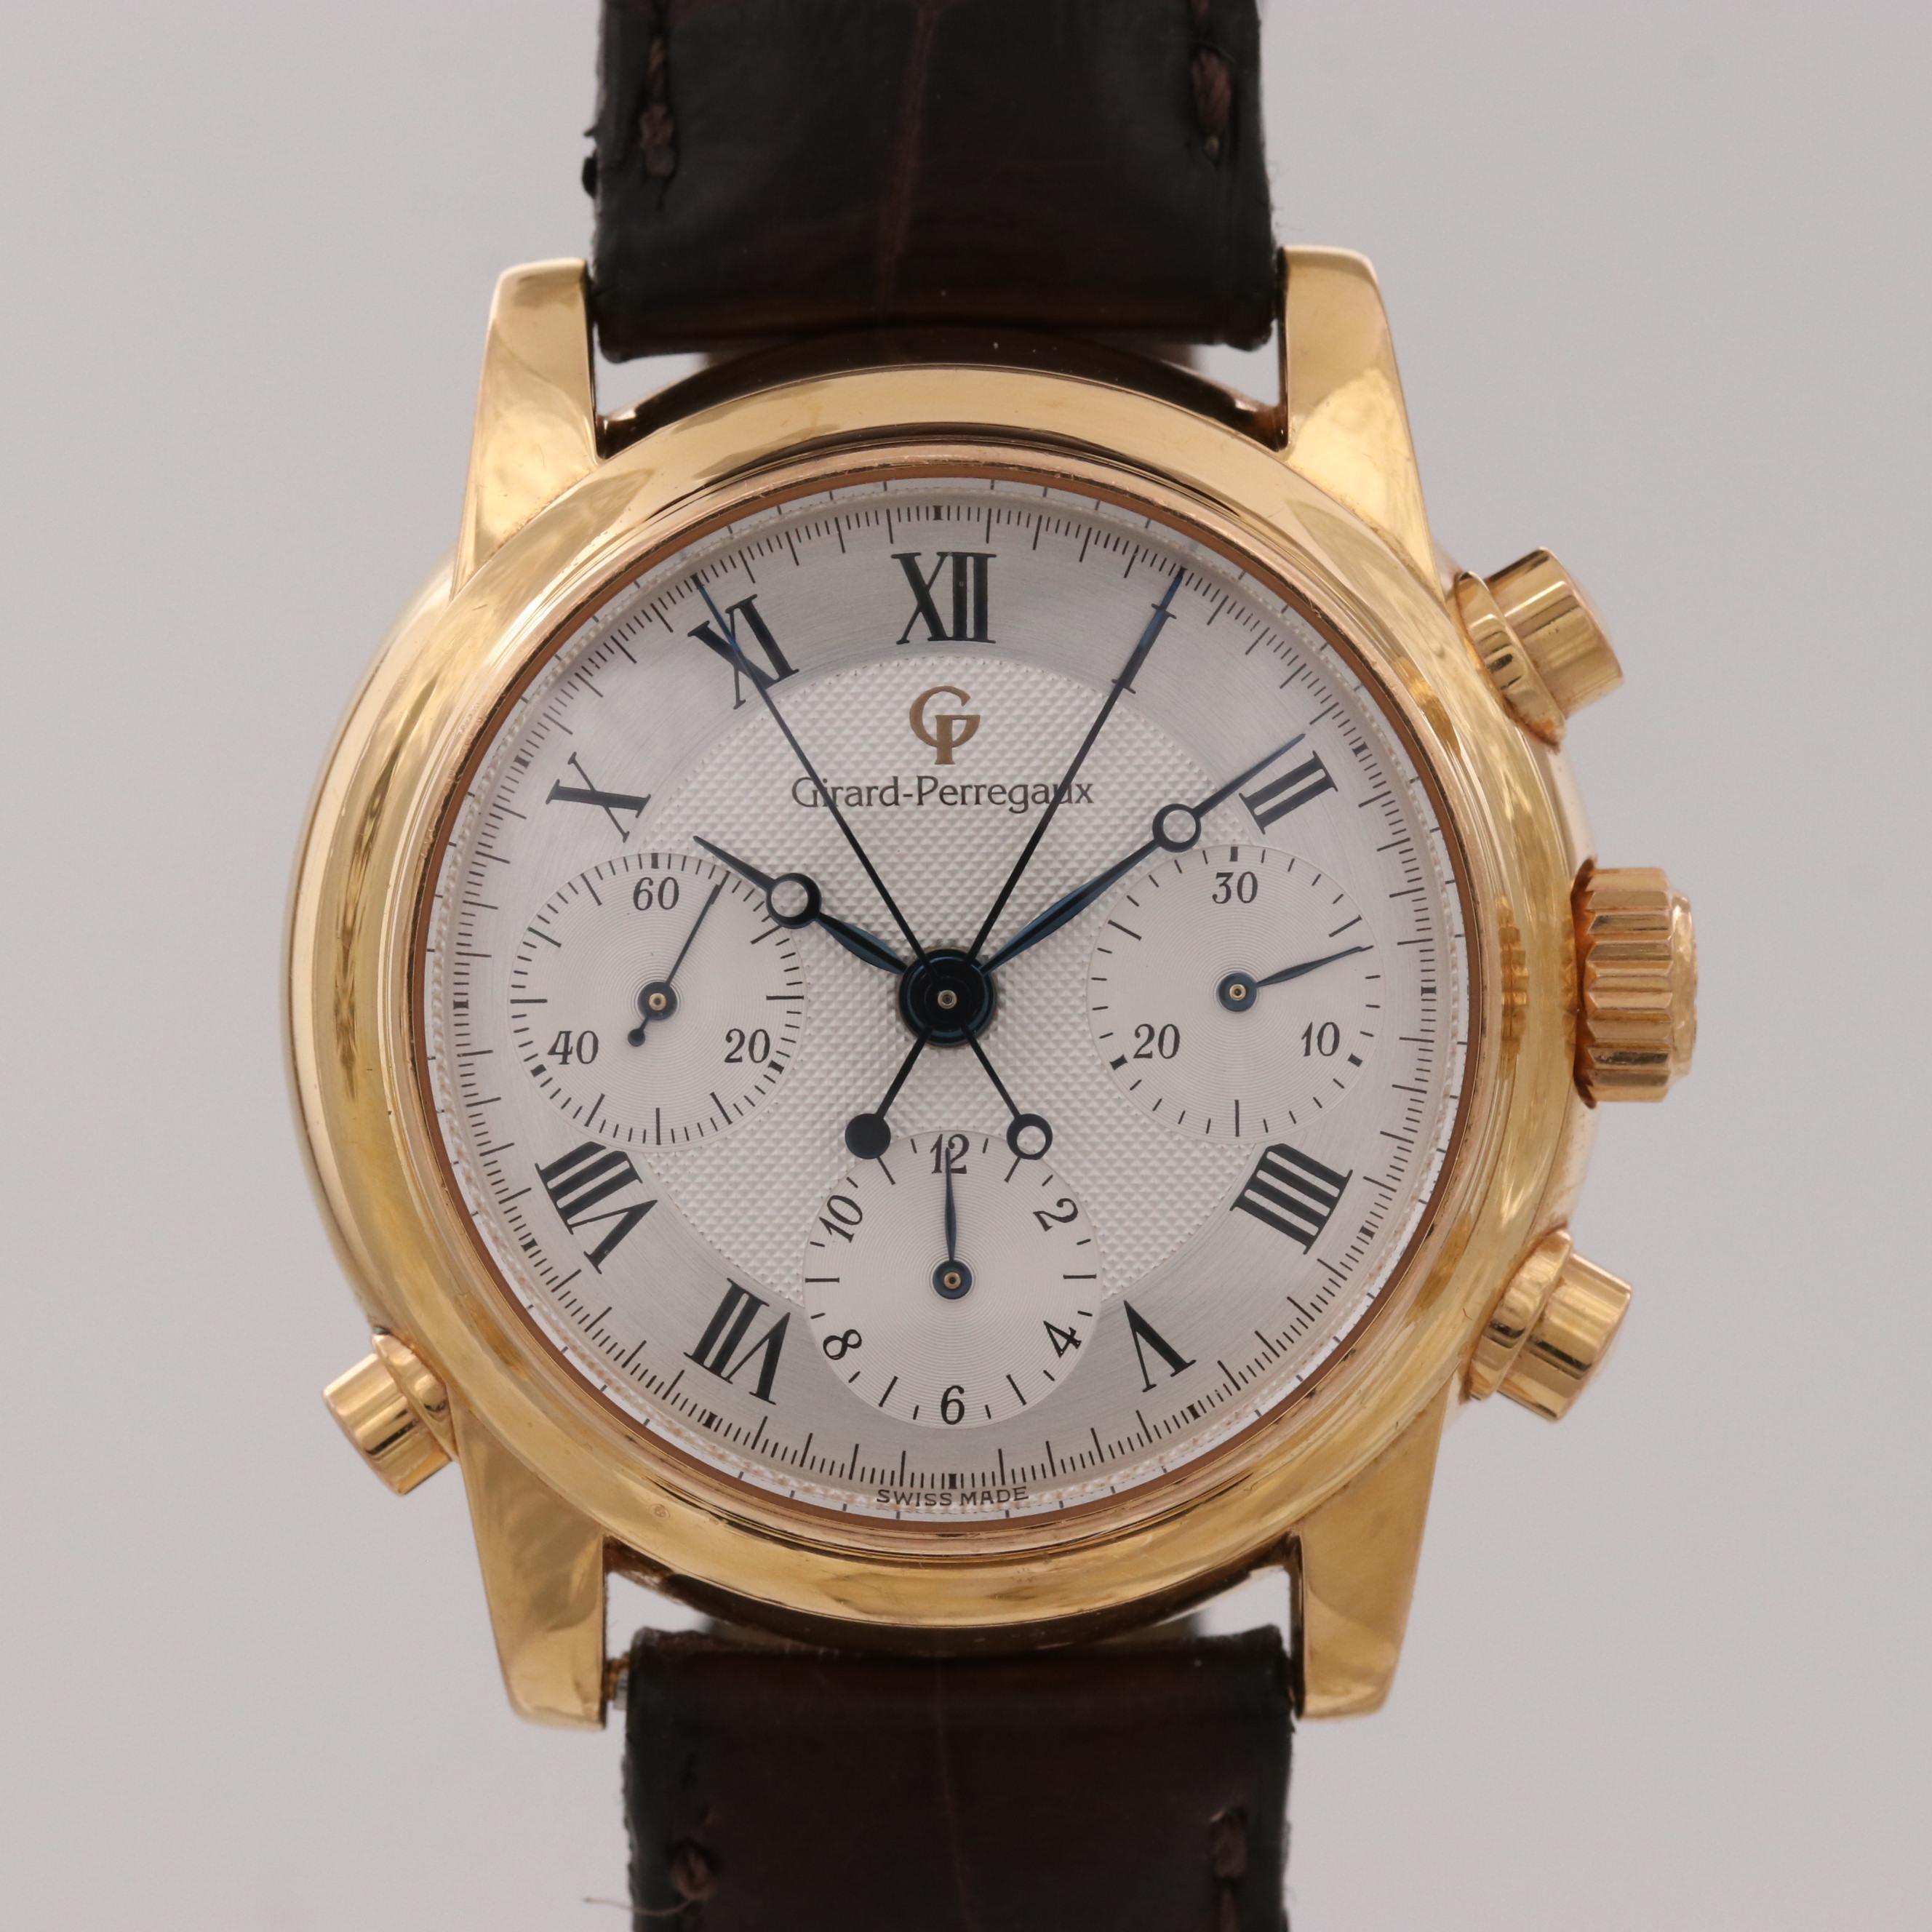 Girard-Perregaux 18K Gold Chronographe à Rattrapante Automatic Wristwatch